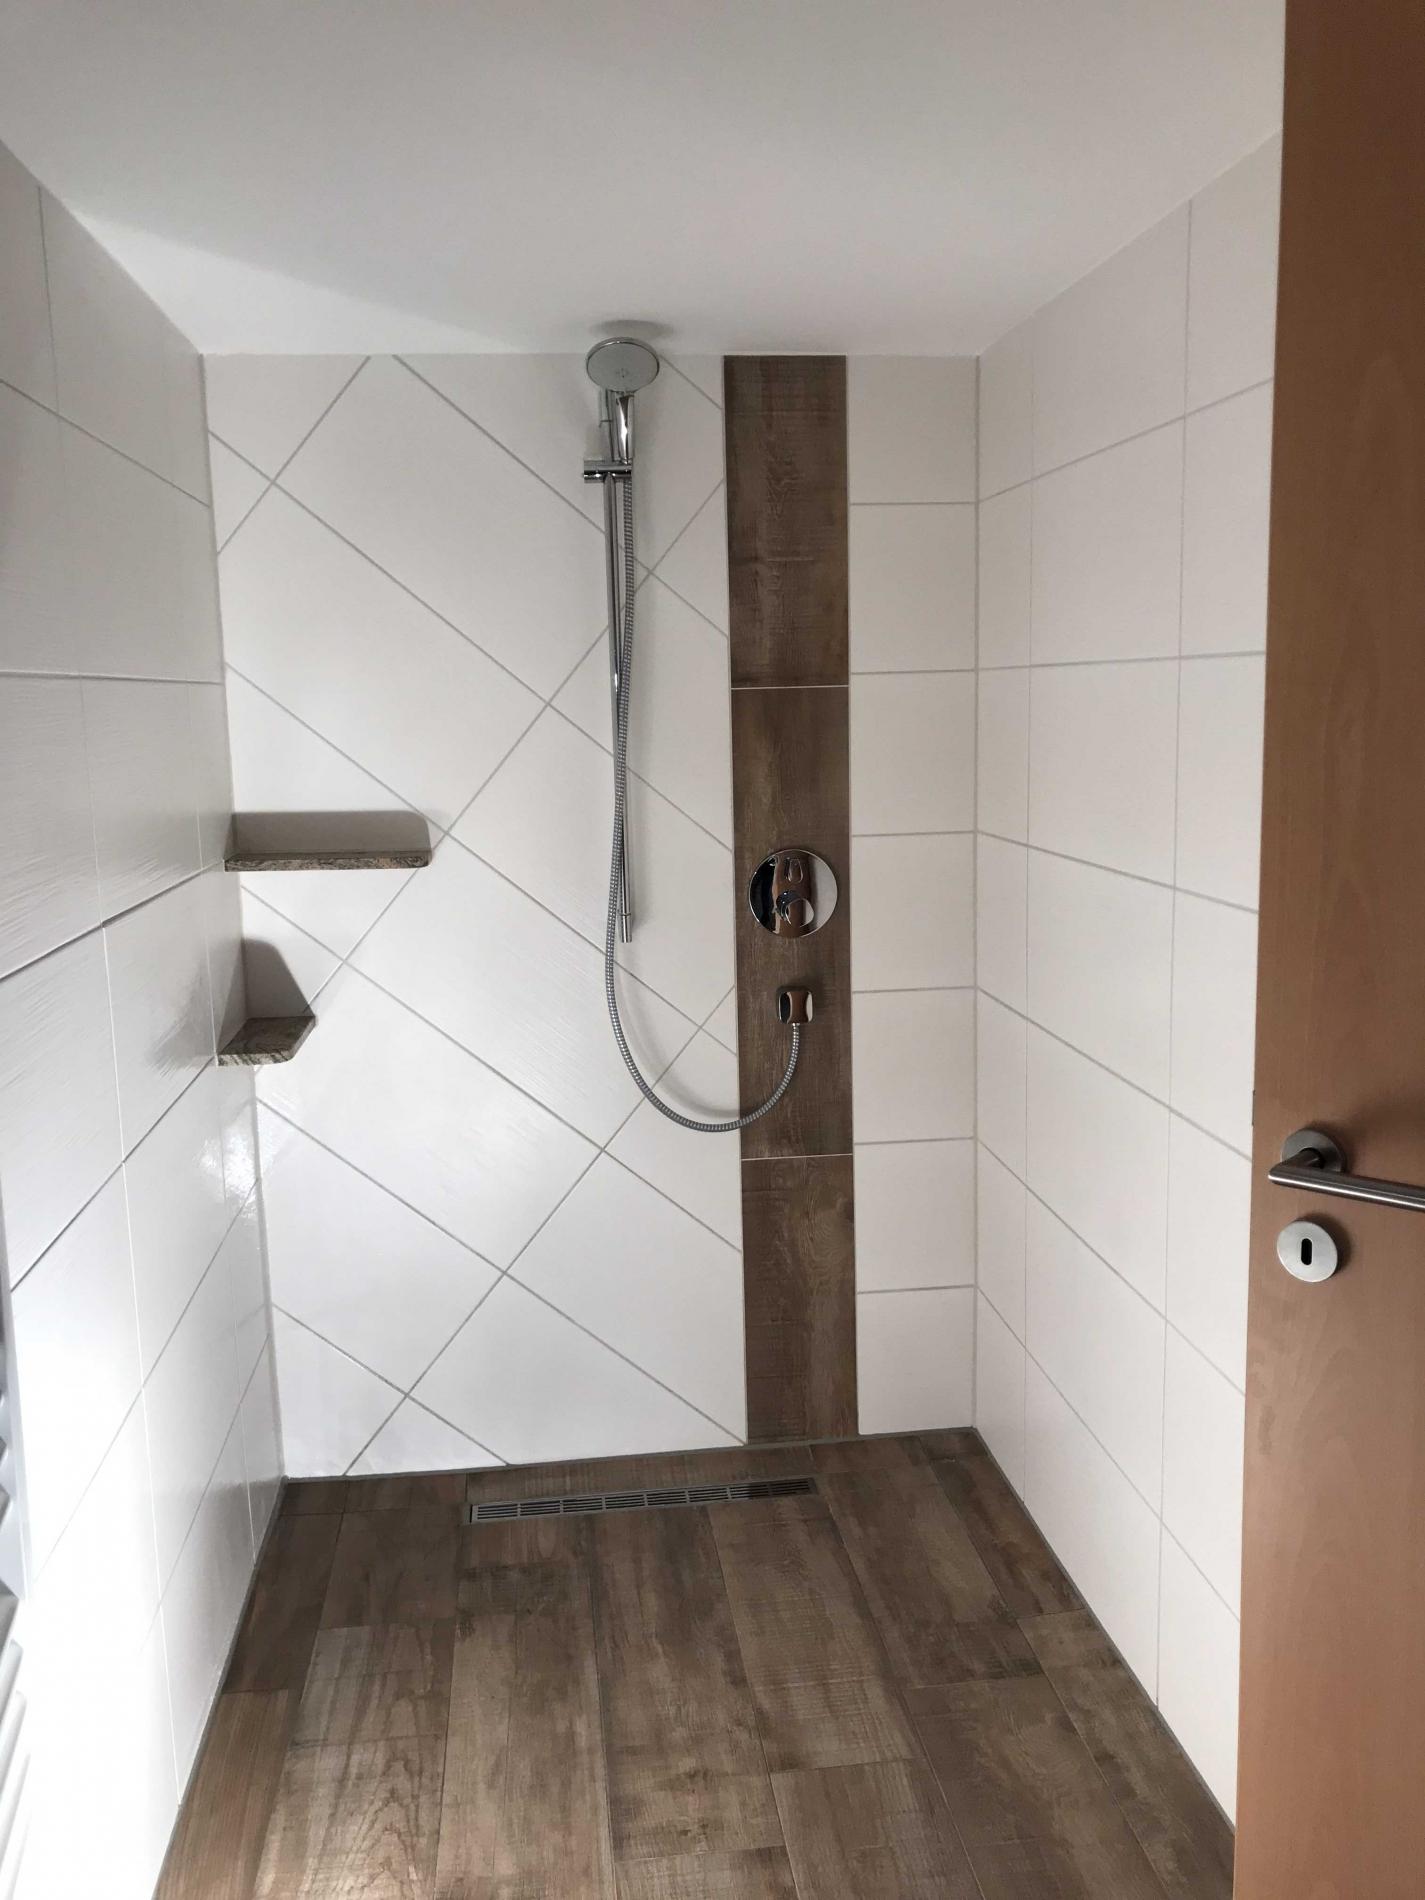 Dusche Platten Statt Fliesen Schulte Duschen Werksverkauf